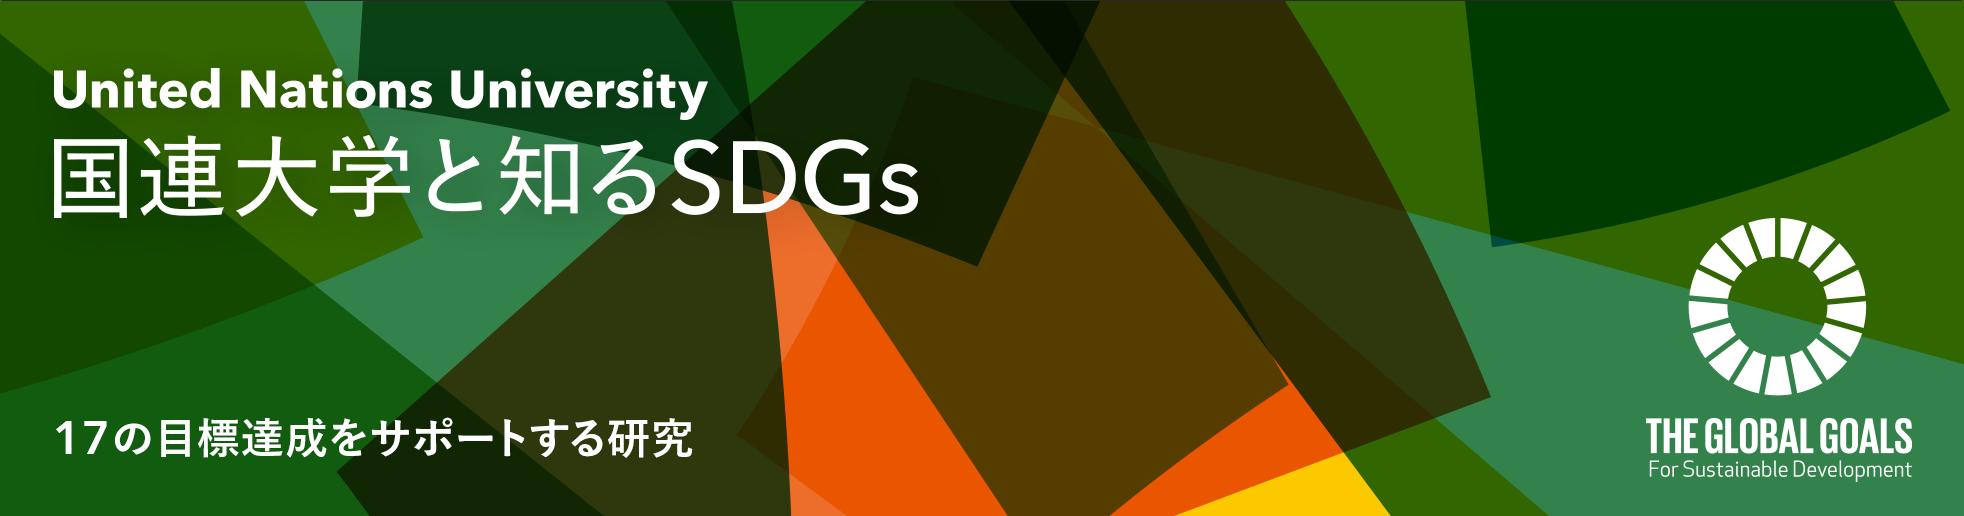 SDGs explorer banner